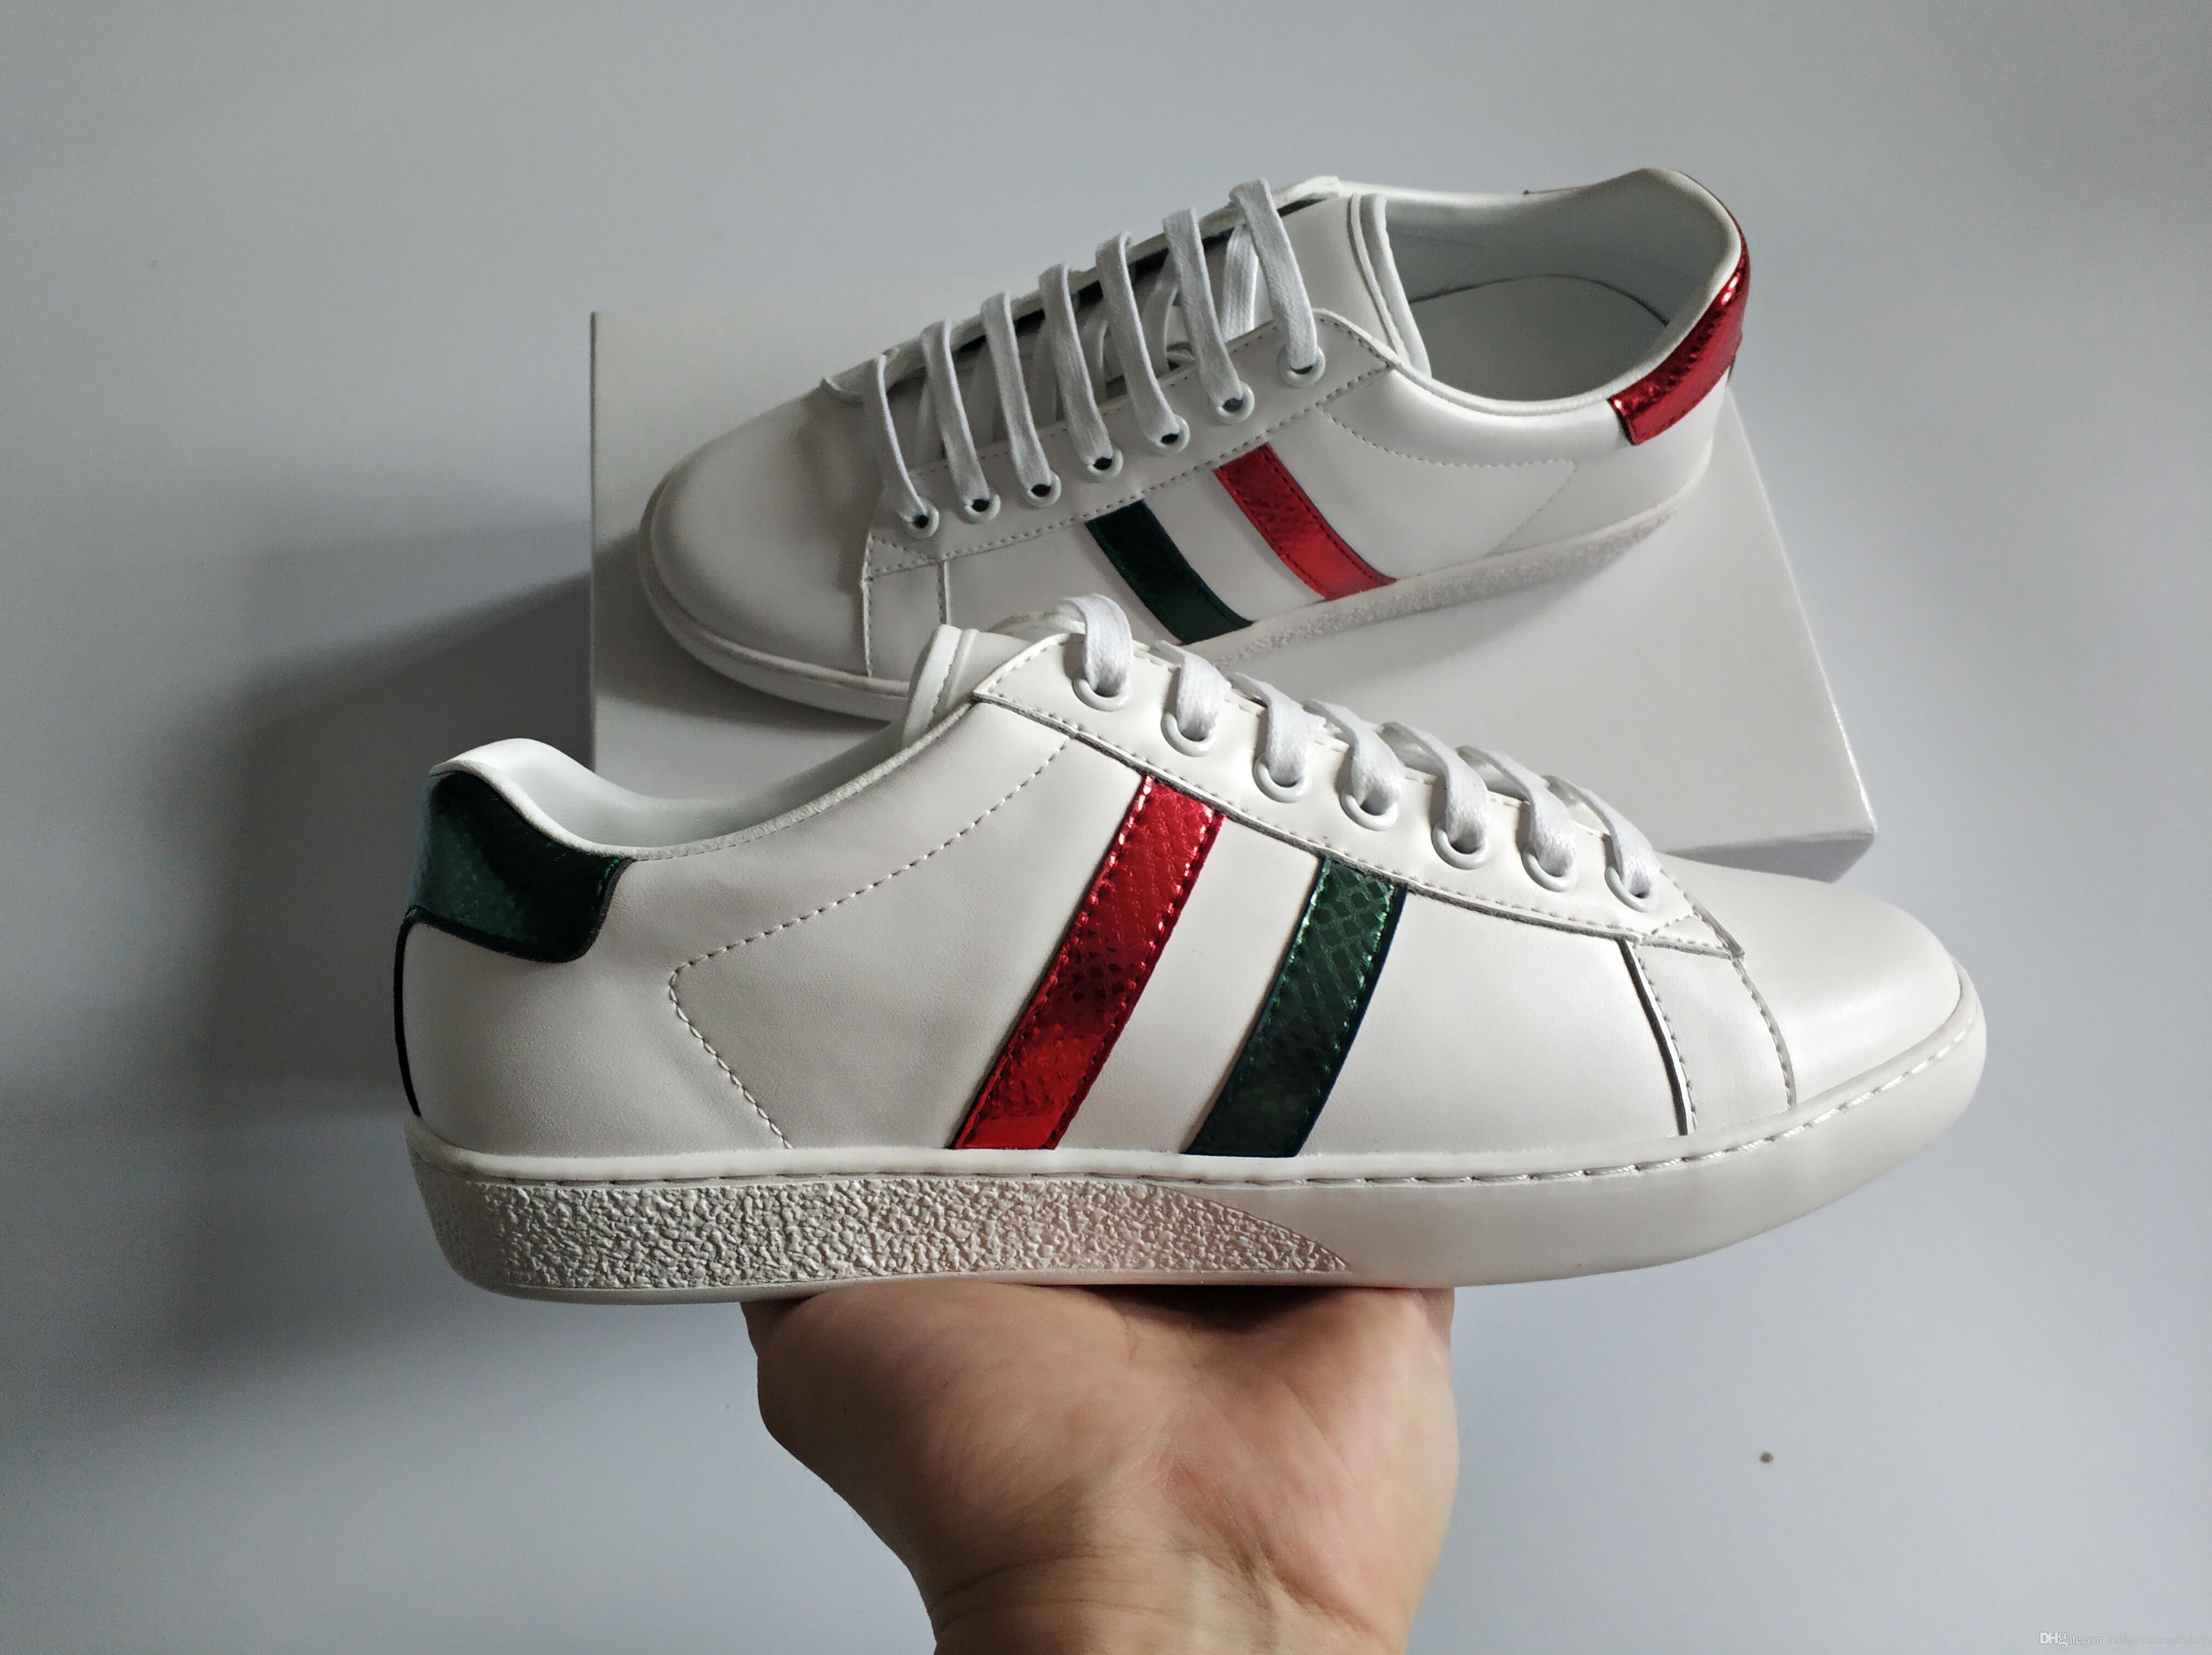 Оптовая продажа новые дизайнерские кроссовки для мужчин женщин натуральная кожа зеленый красный каблук полоса высокое качество низкий топ Повседневная обувь с коробкой размер 35-46